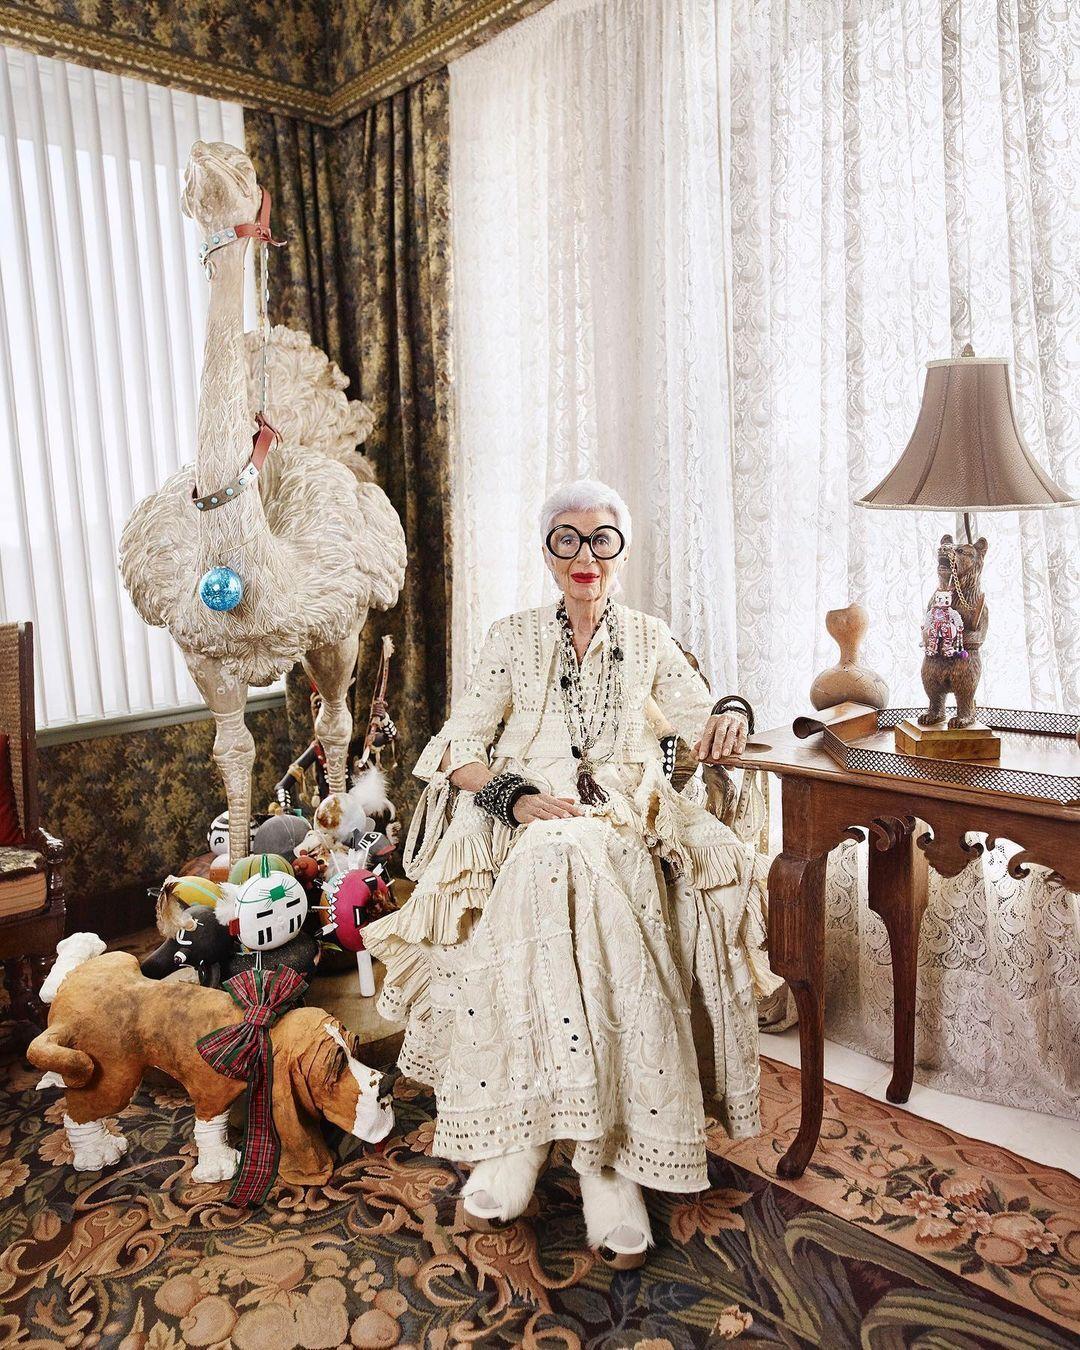 Muốn trẻ phải nghĩ mình trẻ là quan niệm giữ cho bà Apfel luôn sống trẻ trung, năng động. Hài hước, tò mò cũng là liều thuốc bổ cho cụ bà tự xưng là Thanh niên sống lâu nhất thế giới. Ảnh: Instagram Iris Apfel